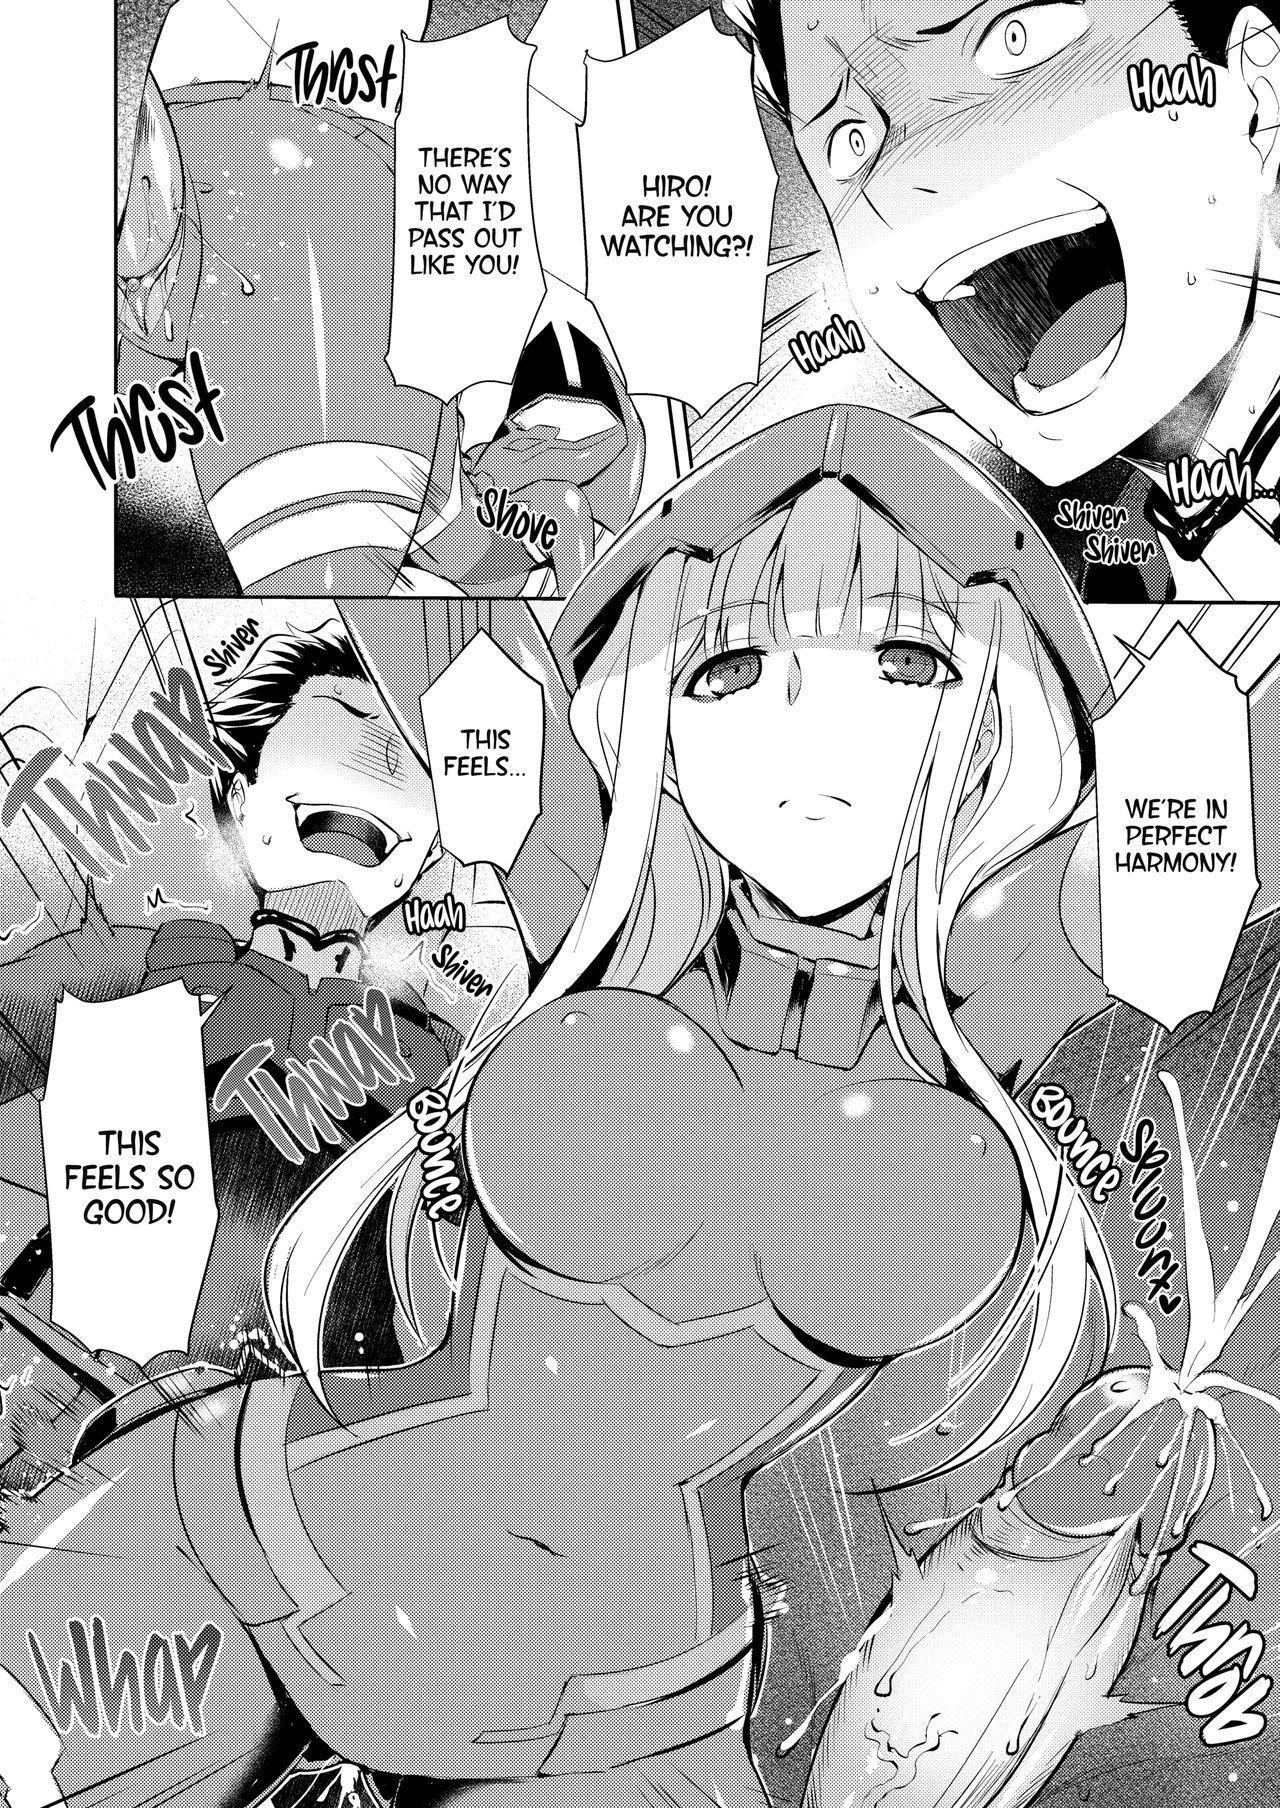 Mitsuru in the Zero Two 8